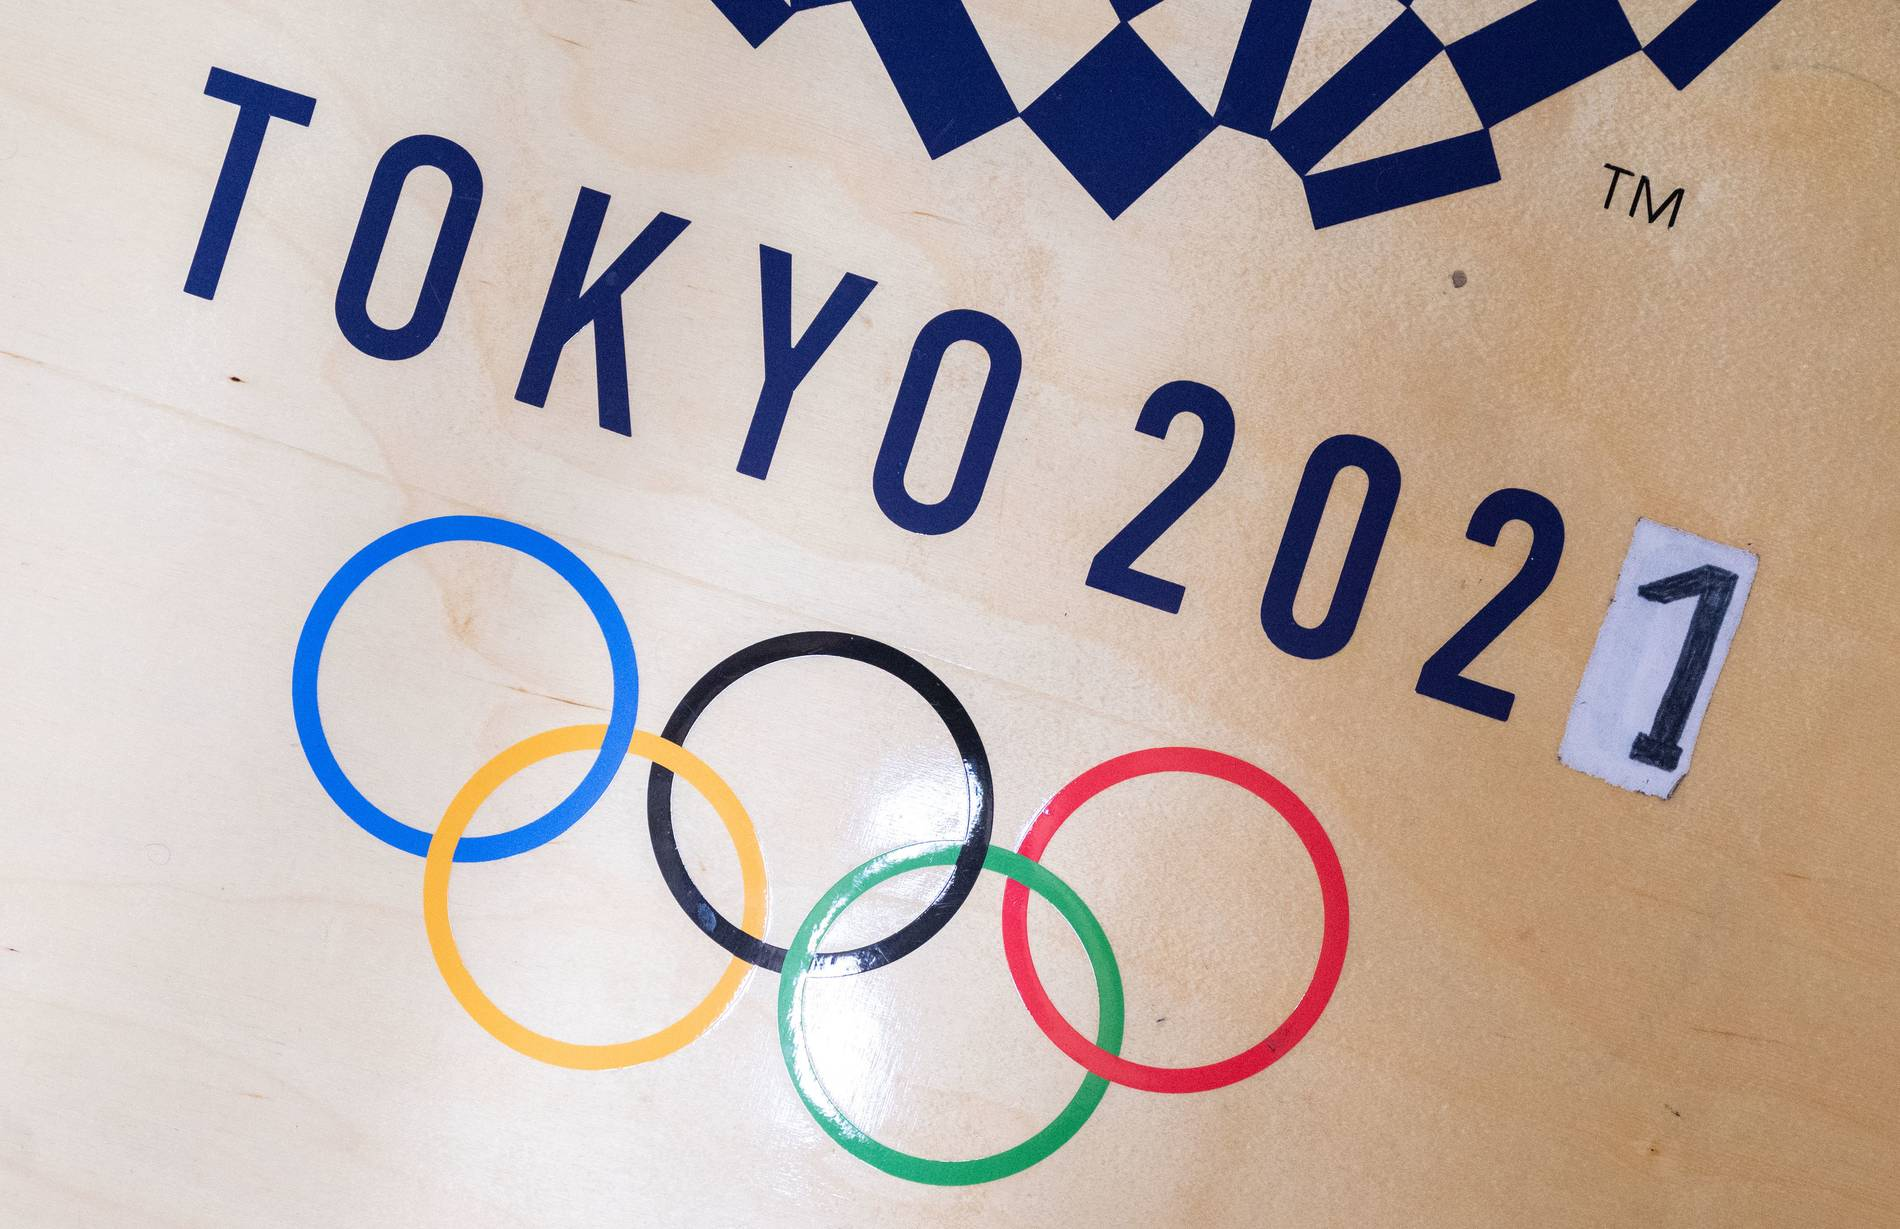 Olympische Spiele 2021 Tokio Zeitplan Neue Sportarten Termine Maskottchen Favoriten